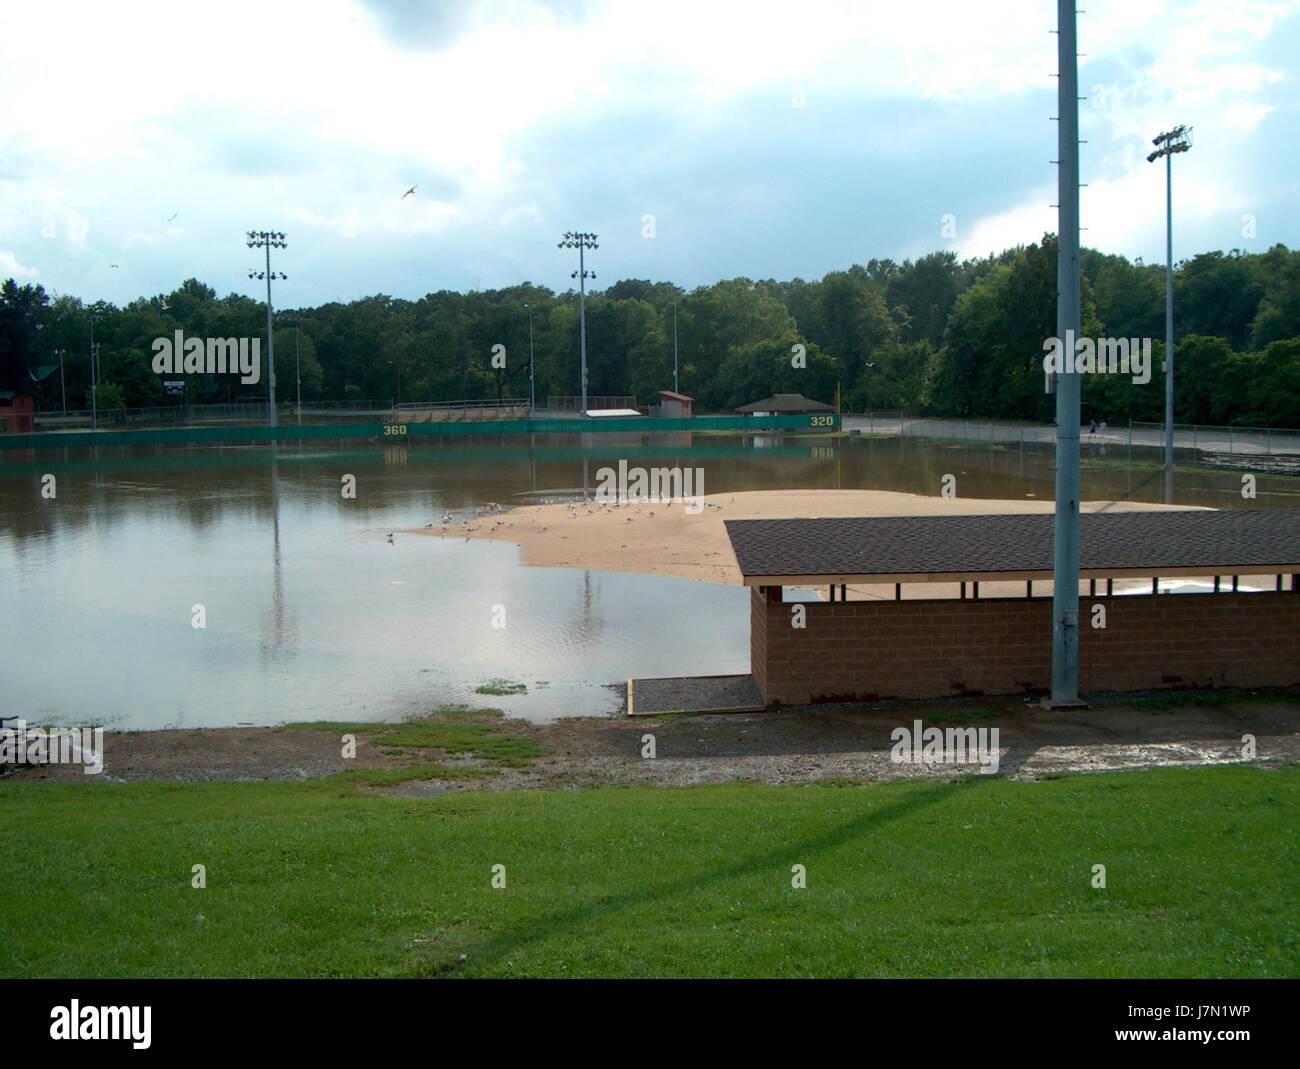 2003 Mahoning flood 3 - Stock Image